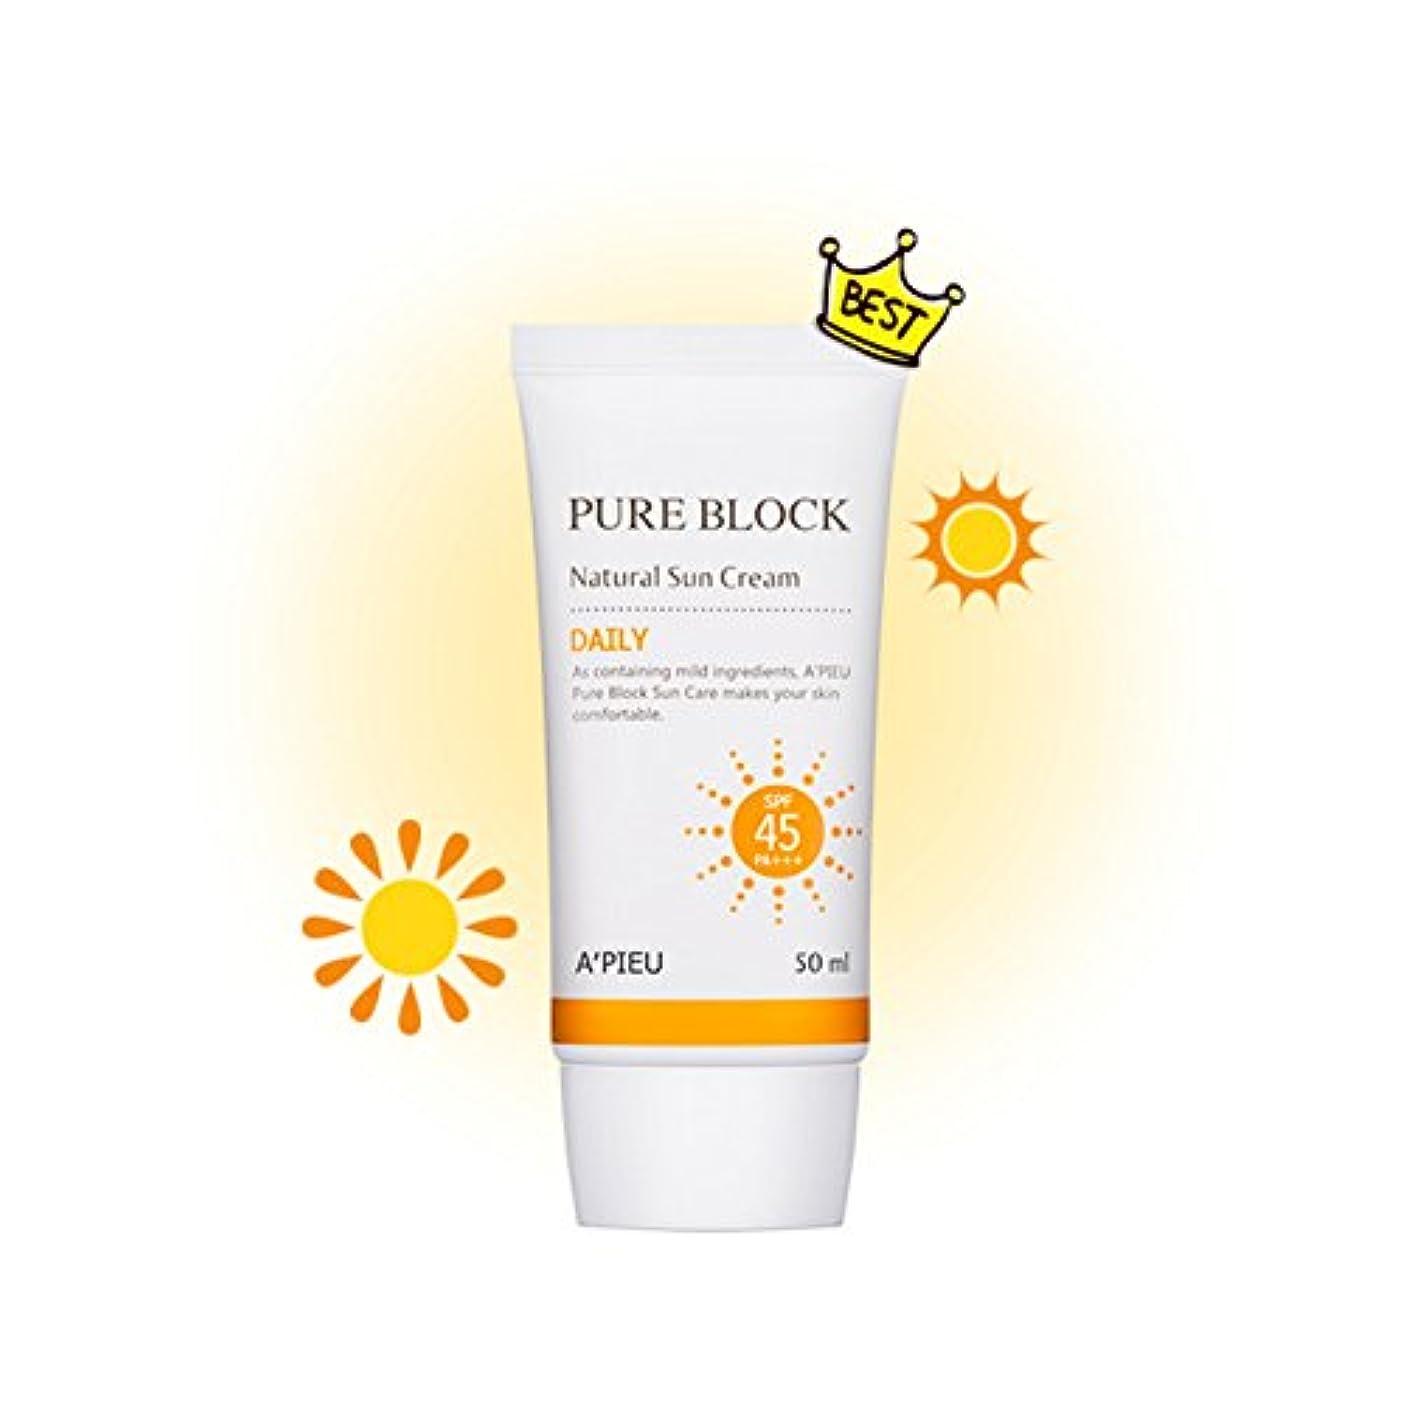 れんがパイル同一の[オピュ] A'PIEU ピュアブロックナチュラルデイリー日焼け止め Pure Block Natural Daily Sun Cream SPF 45 PA+++ [並行輸入品]